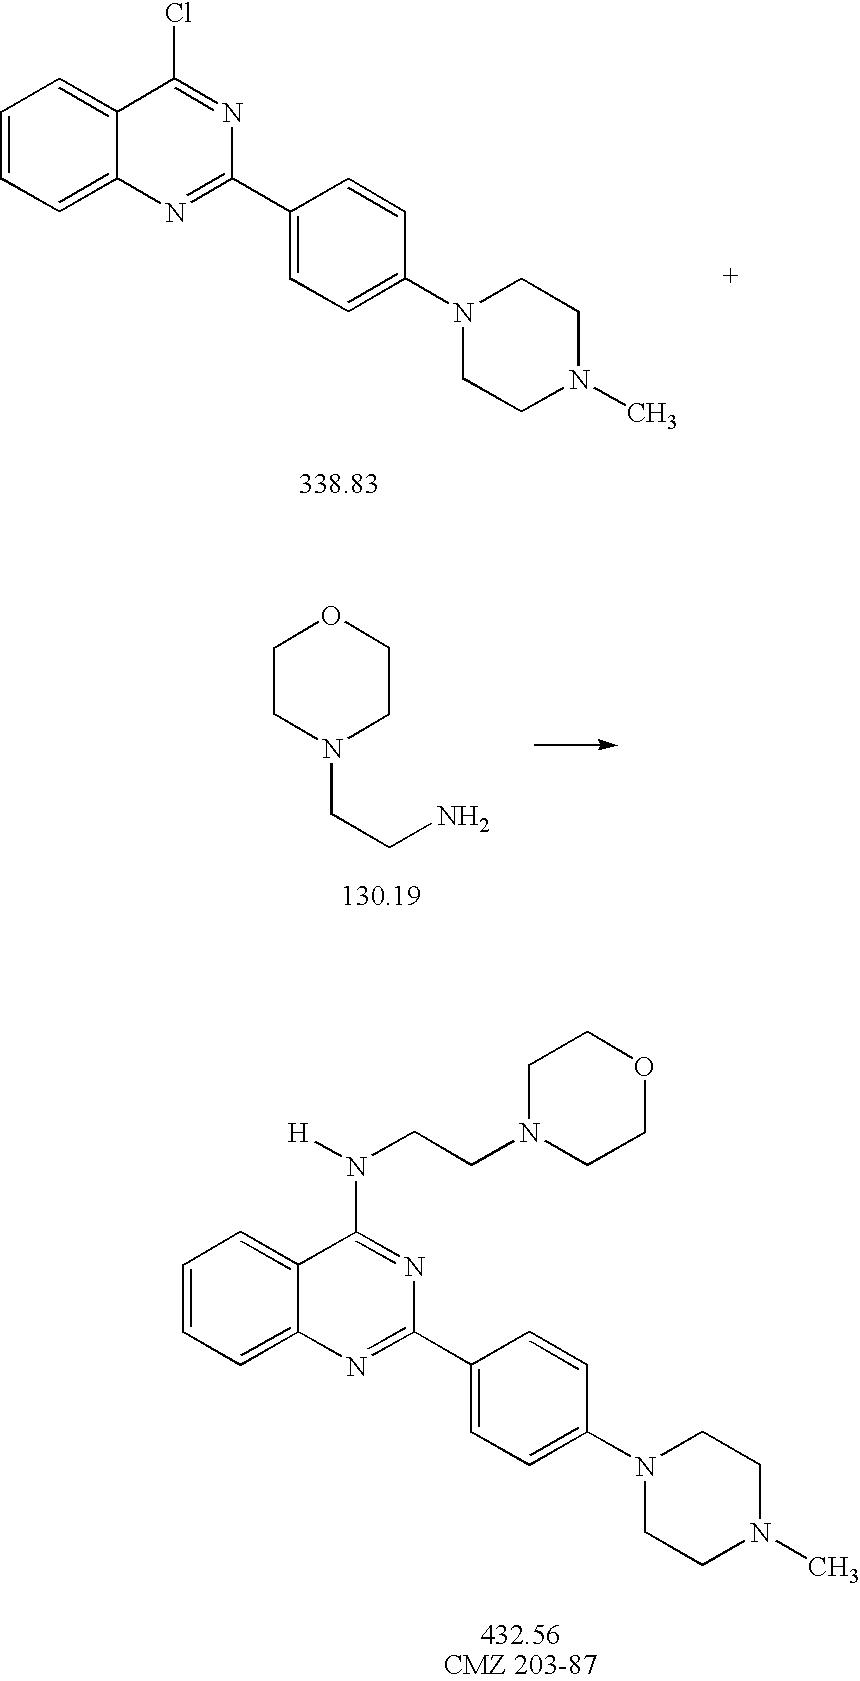 Figure US20070232622A1-20071004-C00325